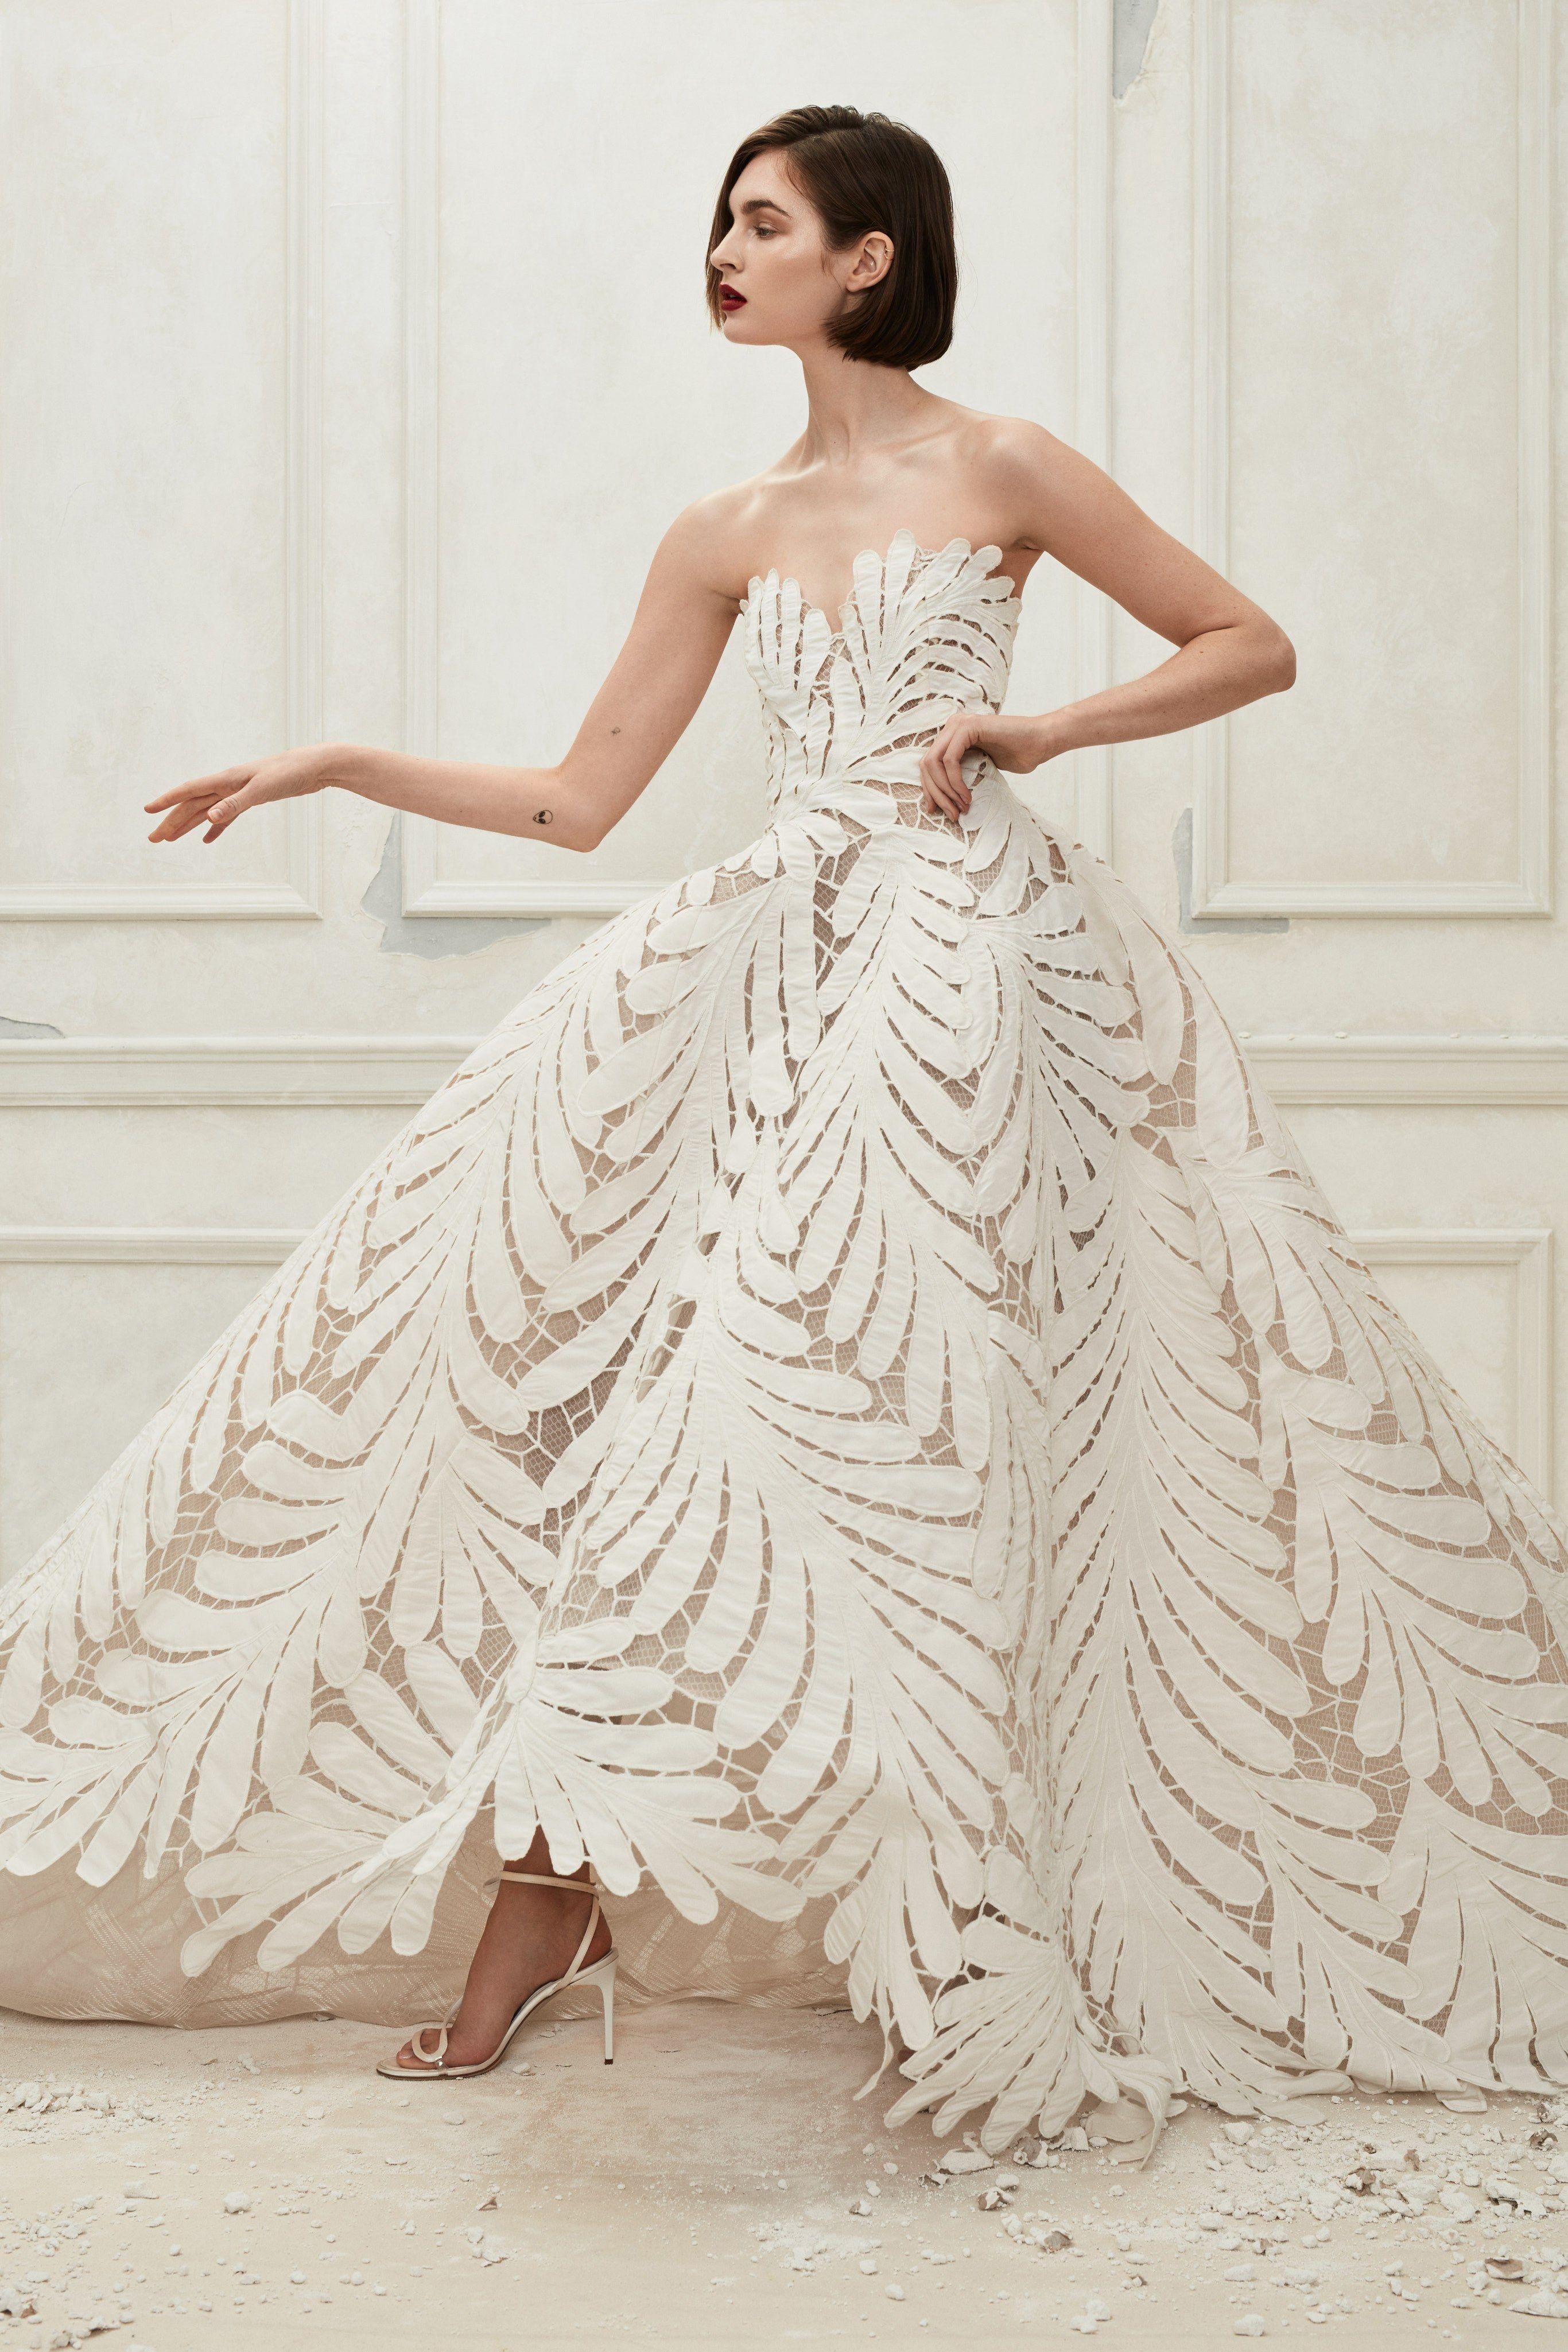 Oscar de la renta bridal fall fashion show in wedding